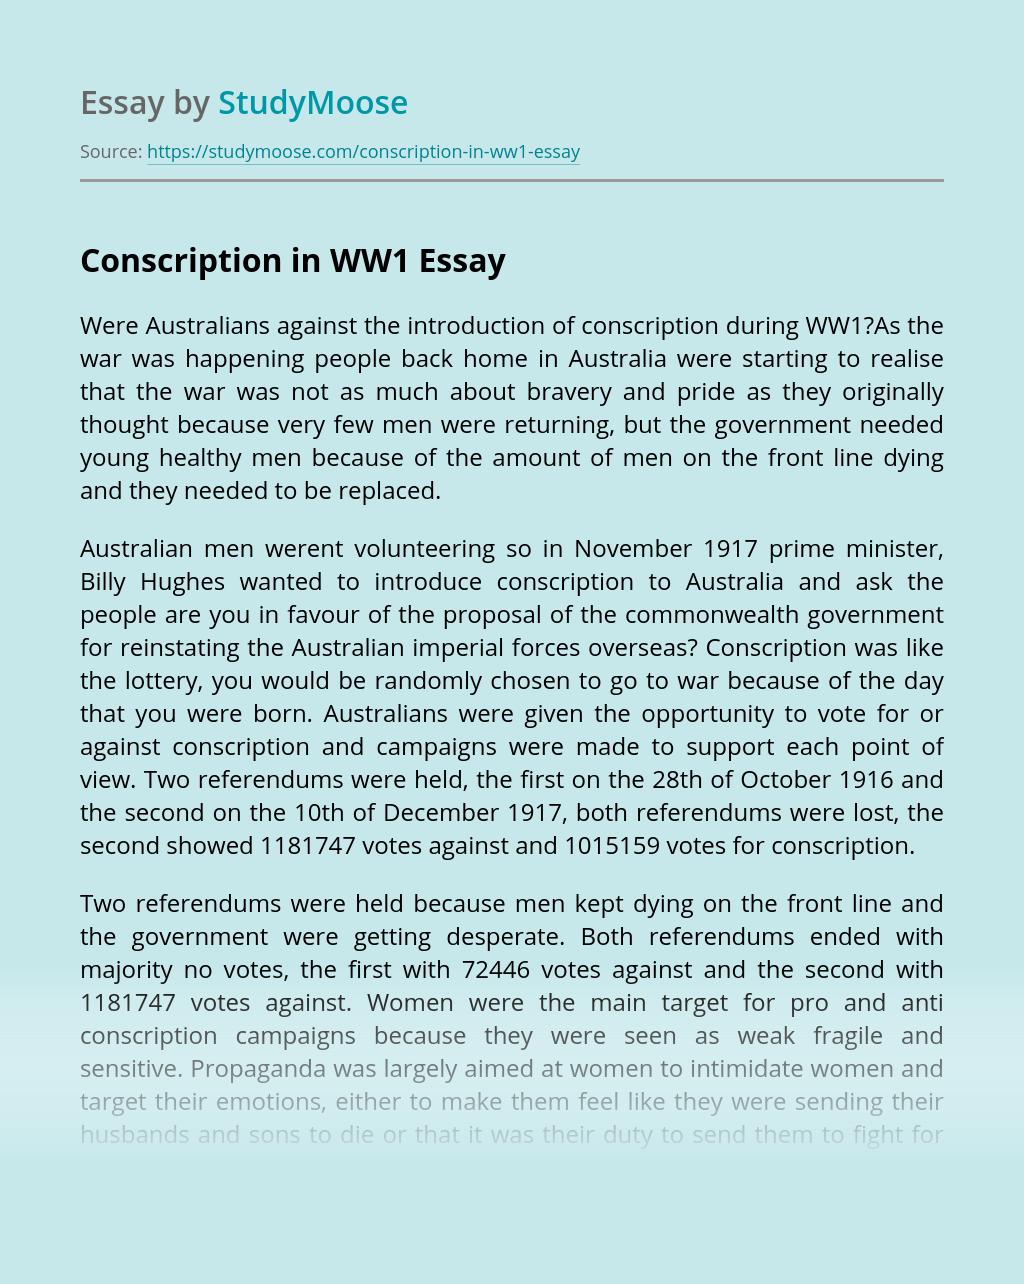 Conscription in WW1